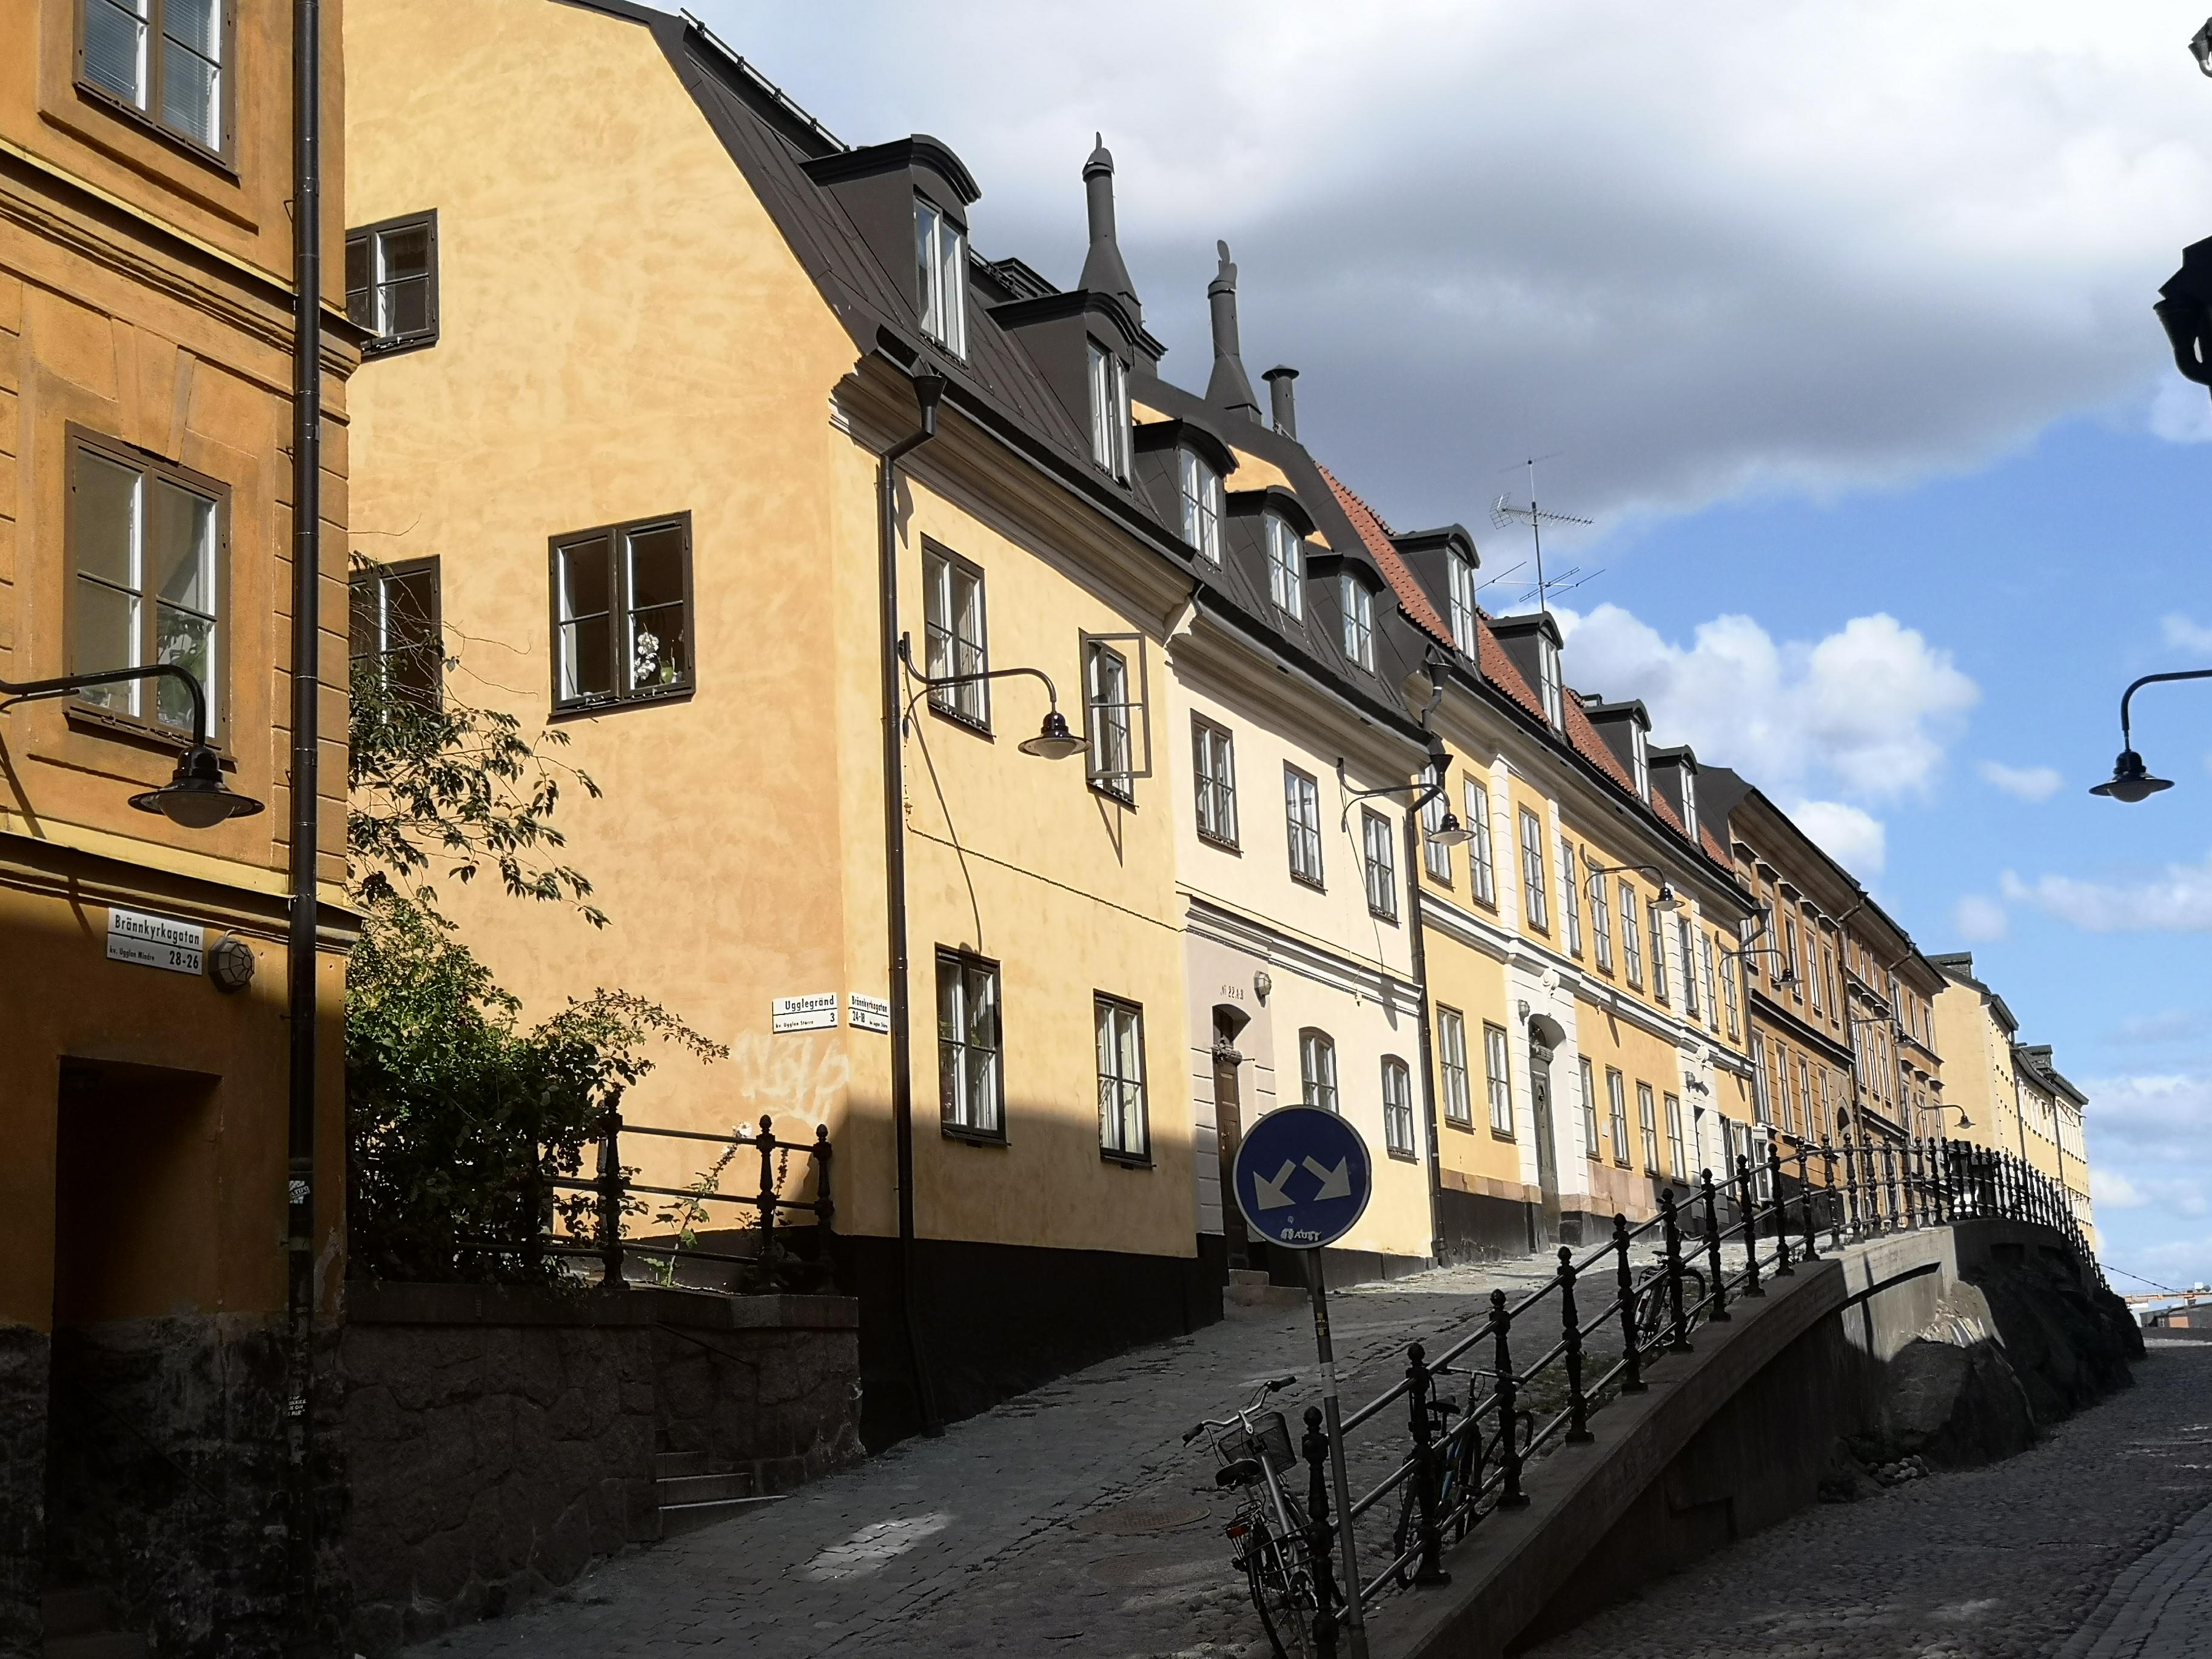 Brännkyrkagatan1